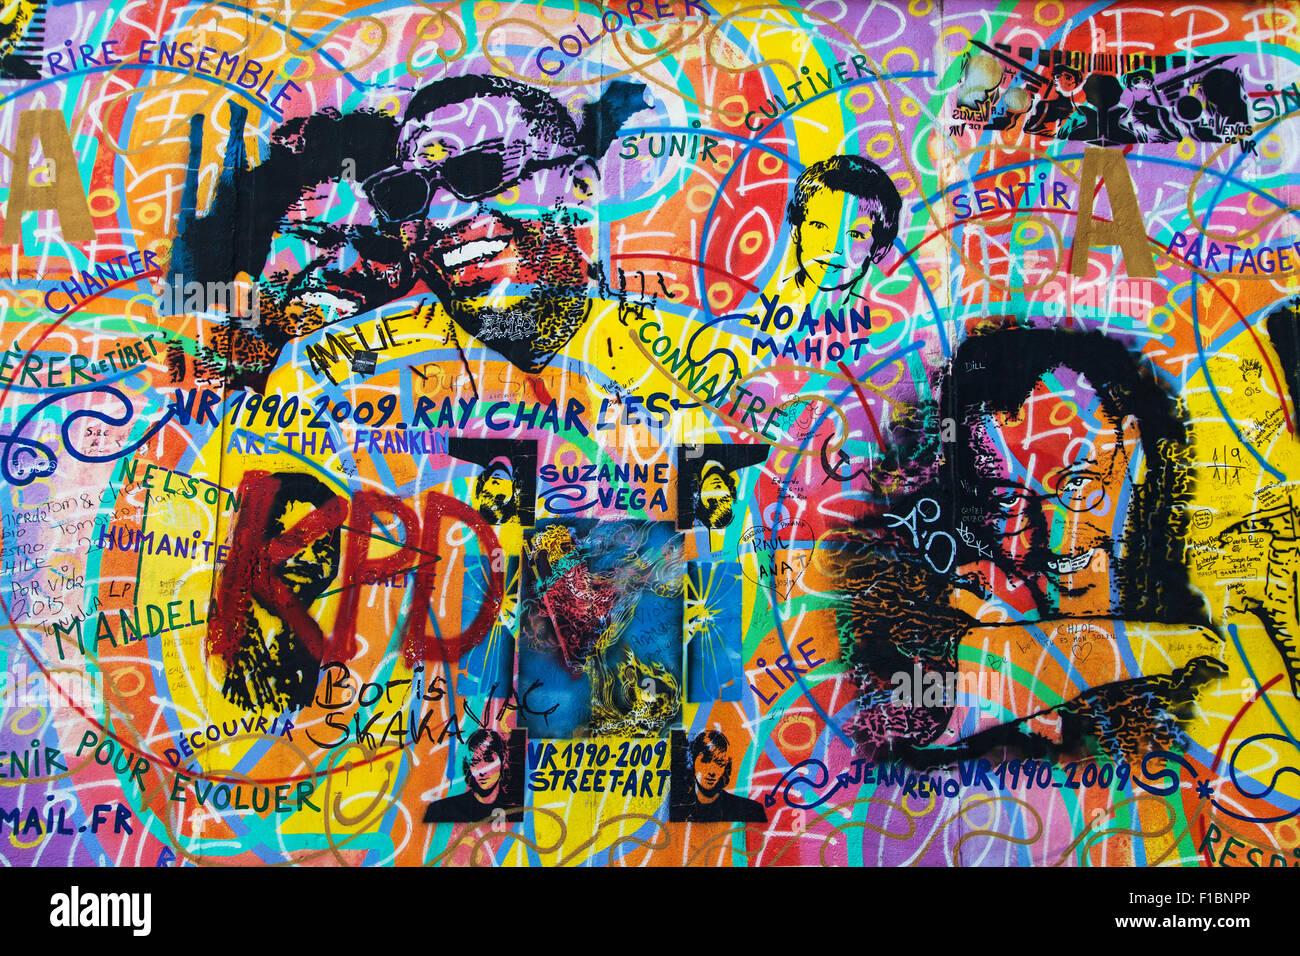 Ritratti di celebrità in 'Amour Paix' da Andreas Paulun sulla East Side Gallery di Berlino, Germania. Foto Stock